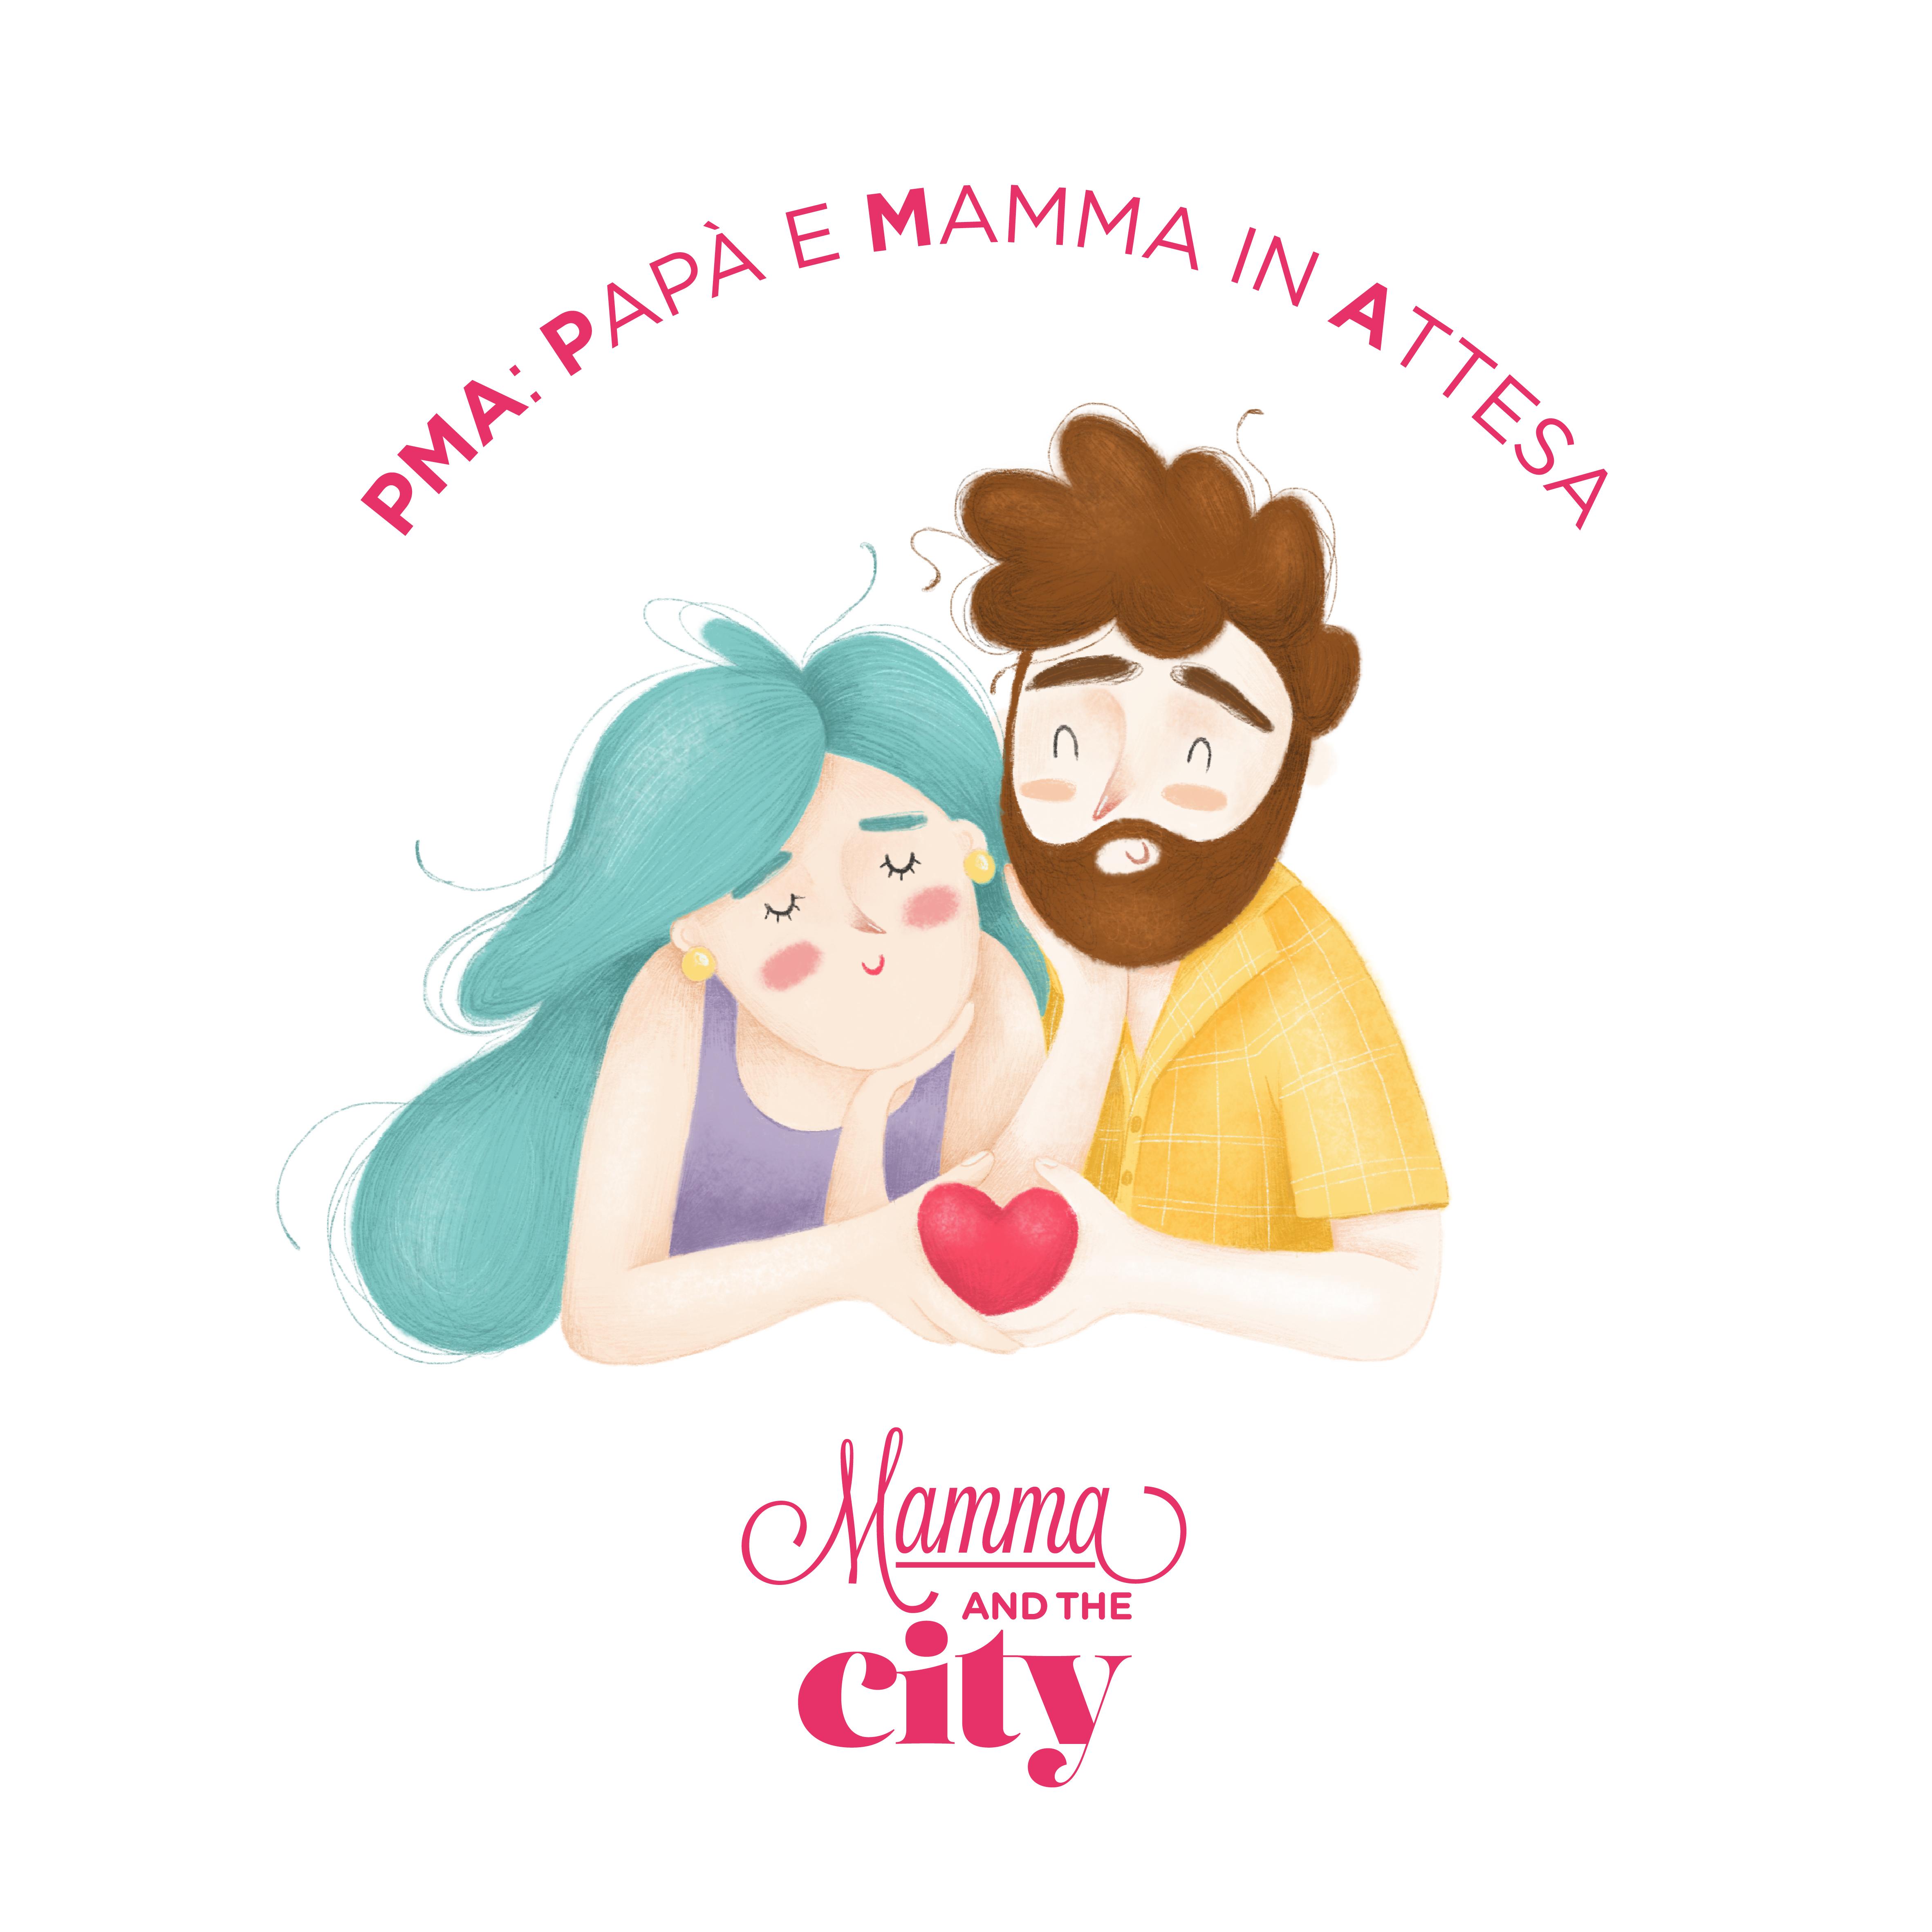 mamma and the city – PMA